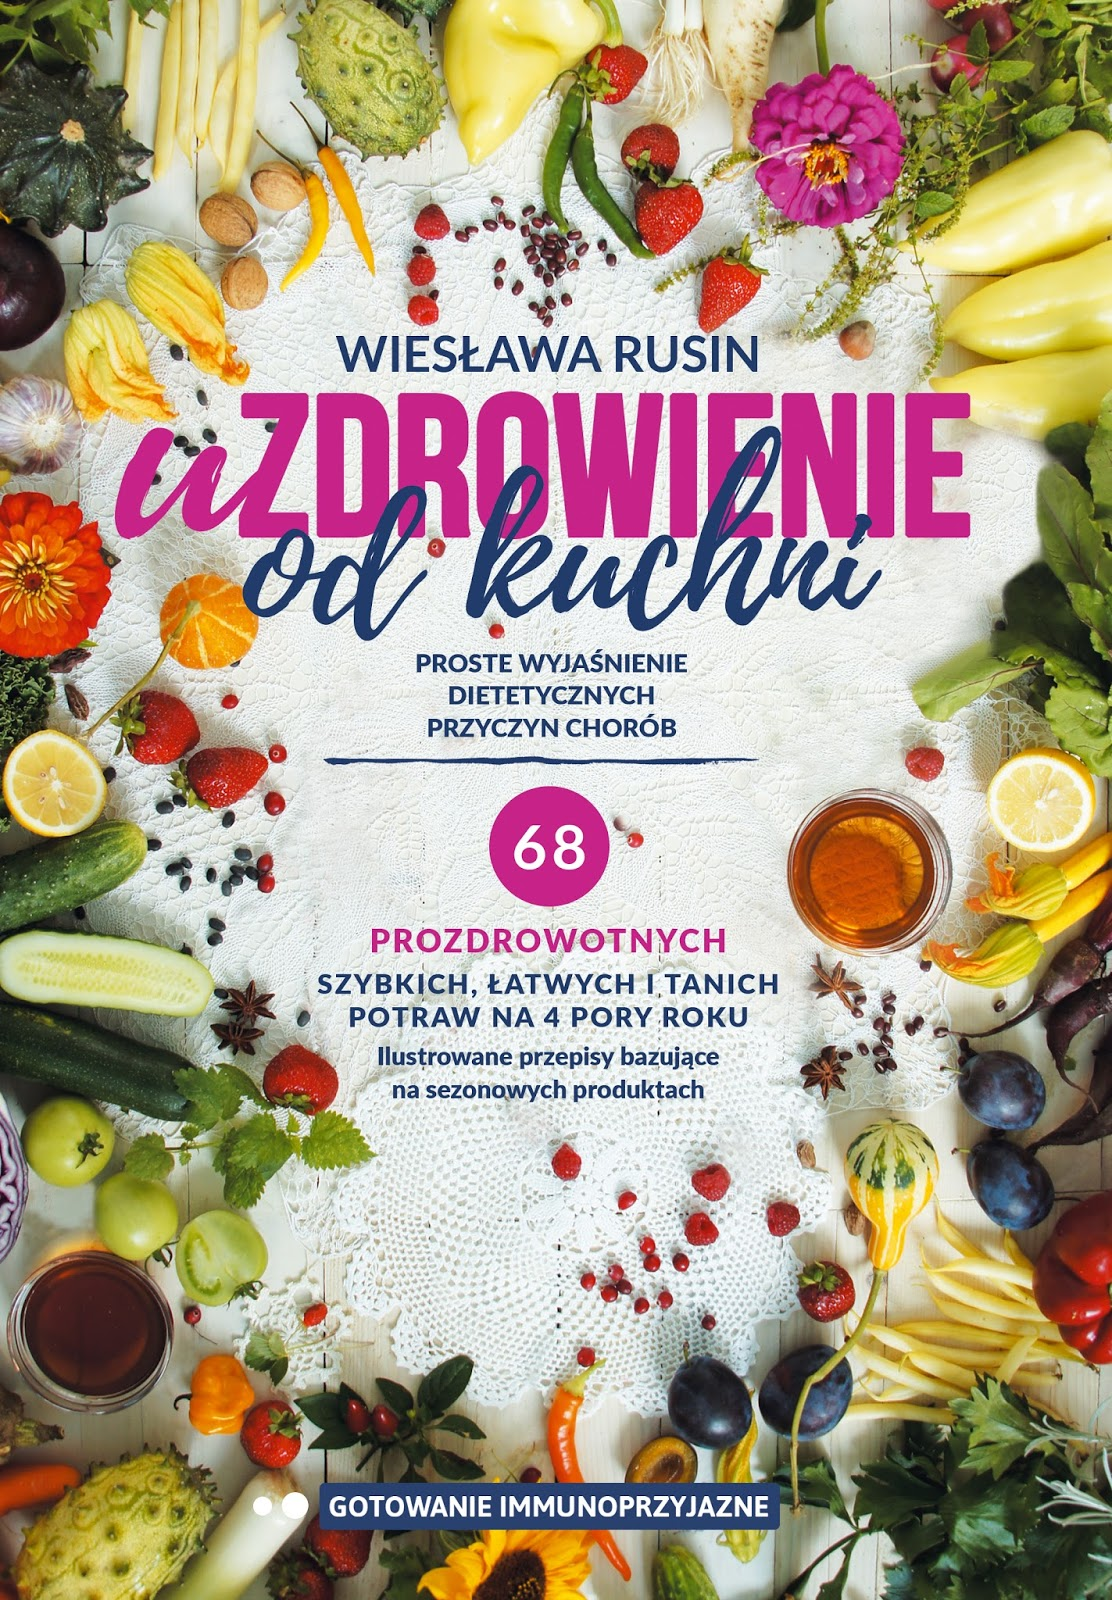 Przyjazny Dietetyk Uzdrowienie Od Kuchni 2016